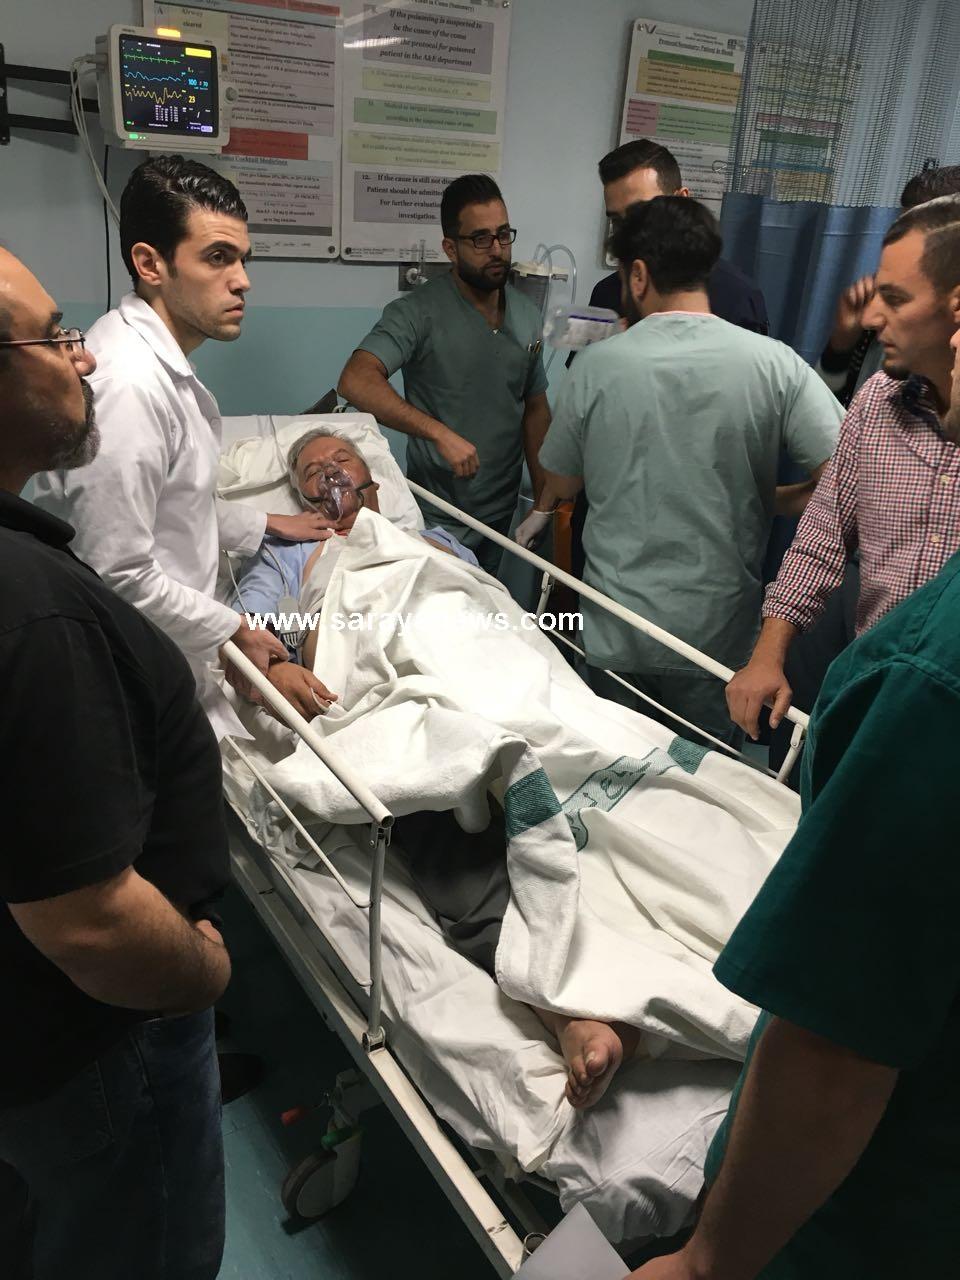 بالصور ..  ادخال الدكتور الذيابات الى المستشفى بعد تعرضه لاغماء وارتفاع في الضغط